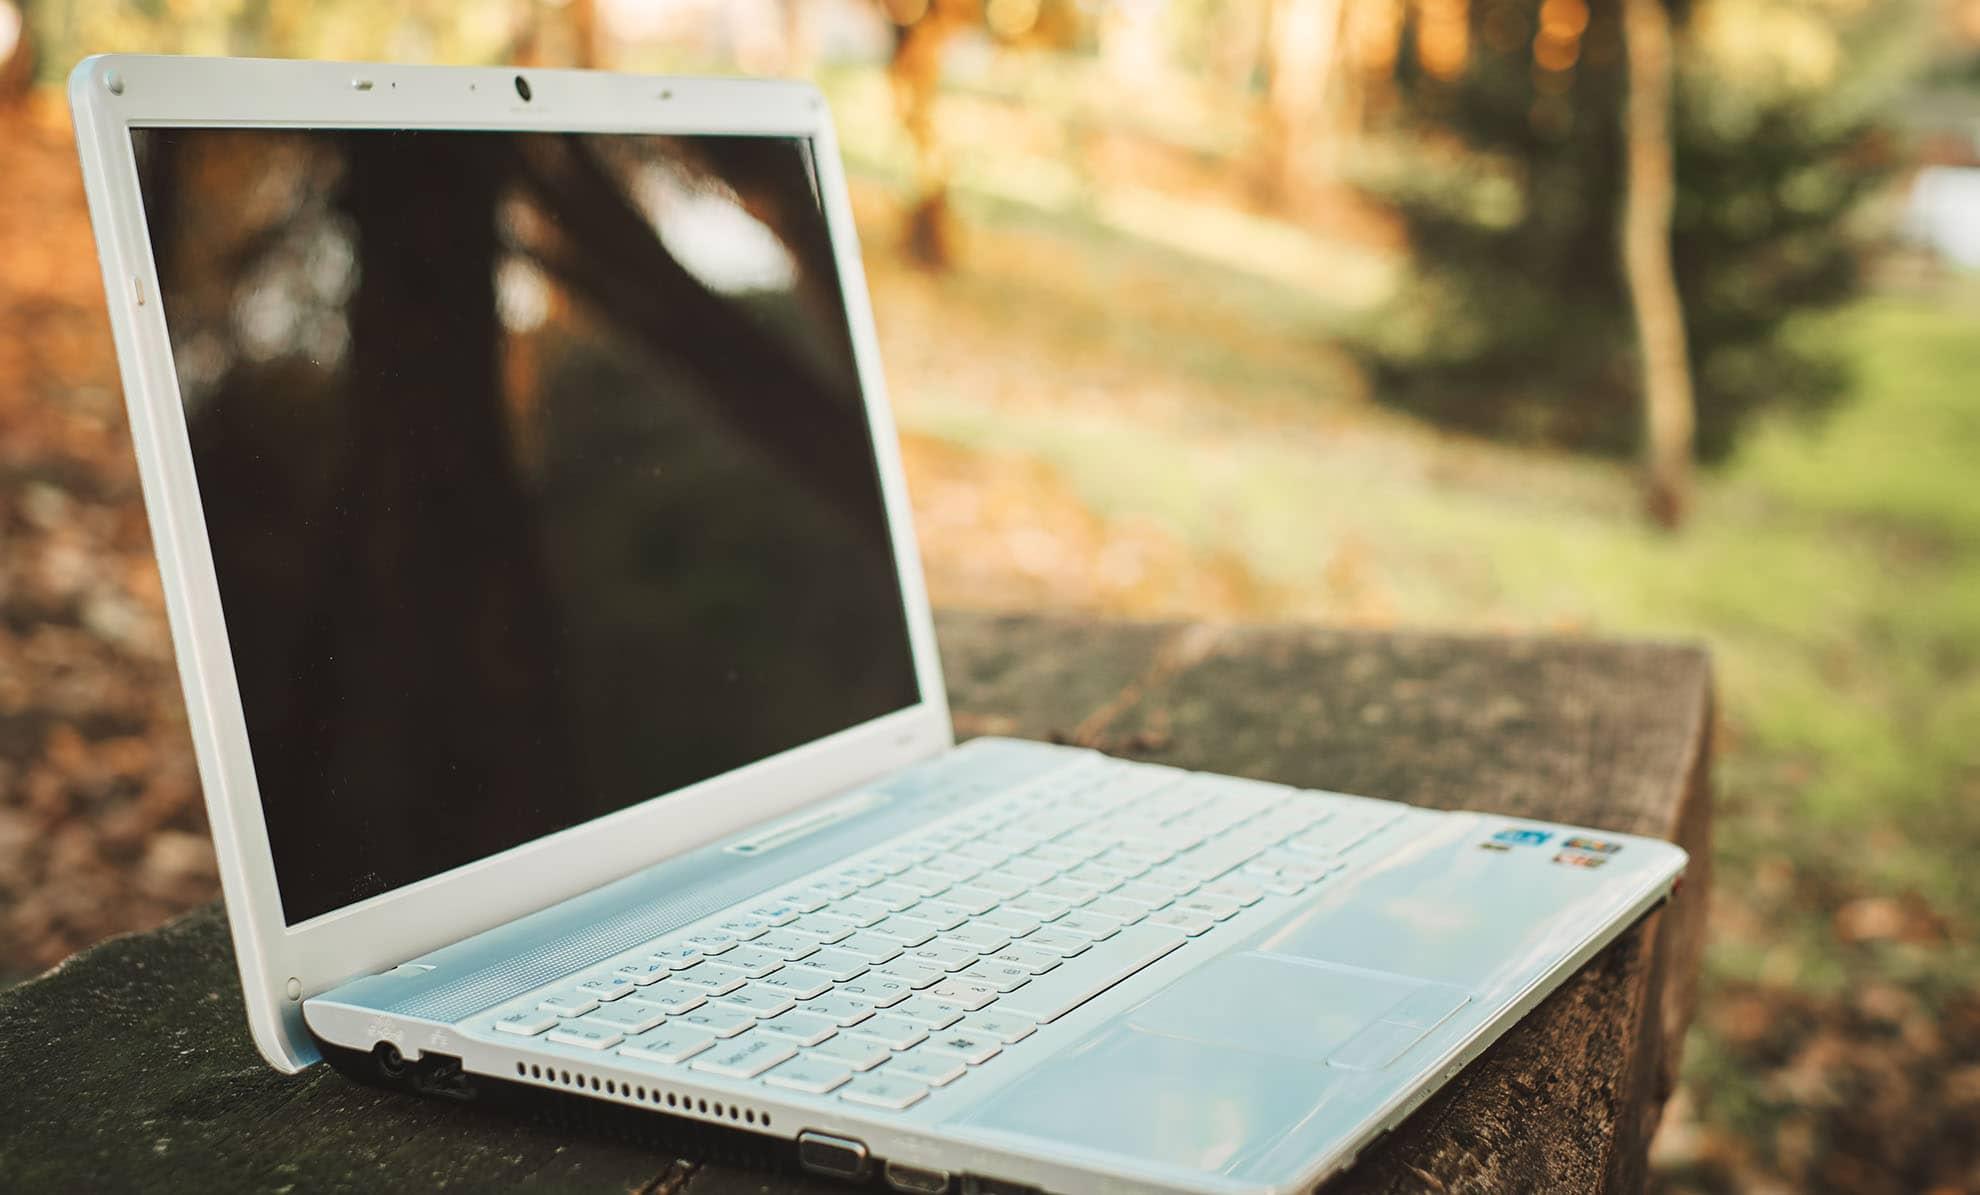 laptop-3PM9UVG-min